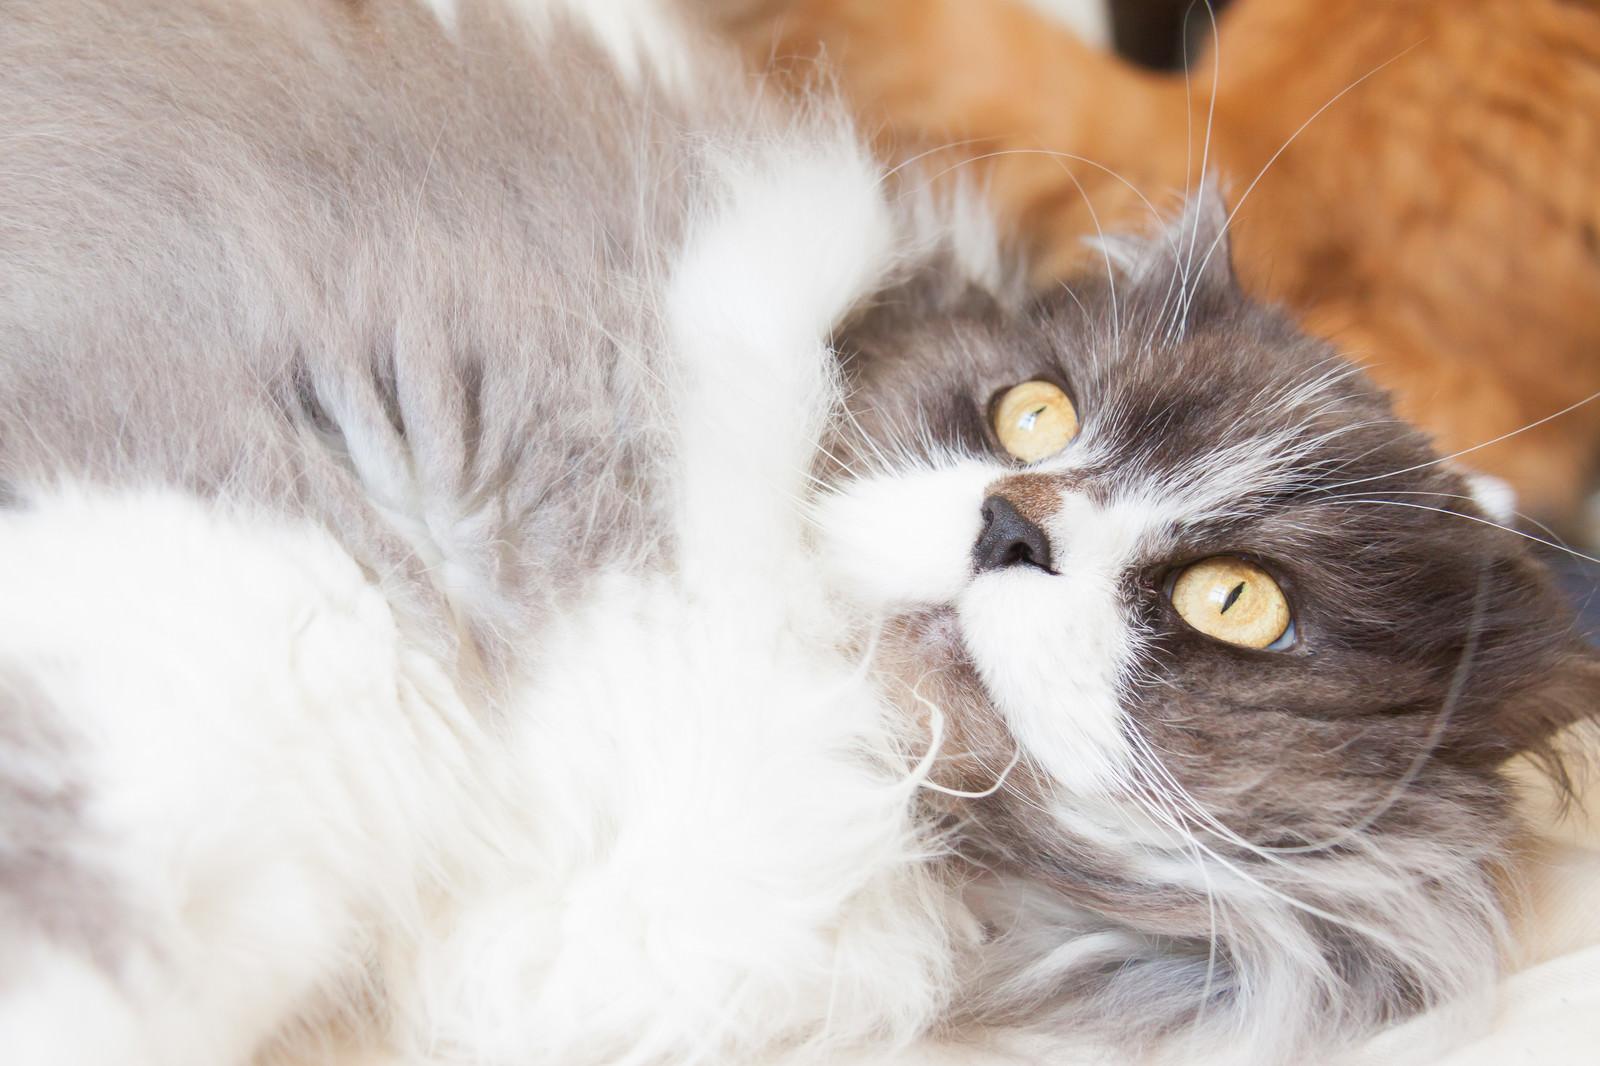 「ふてぶてしい態度を取る猫ふてぶてしい態度を取る猫」のフリー写真素材を拡大